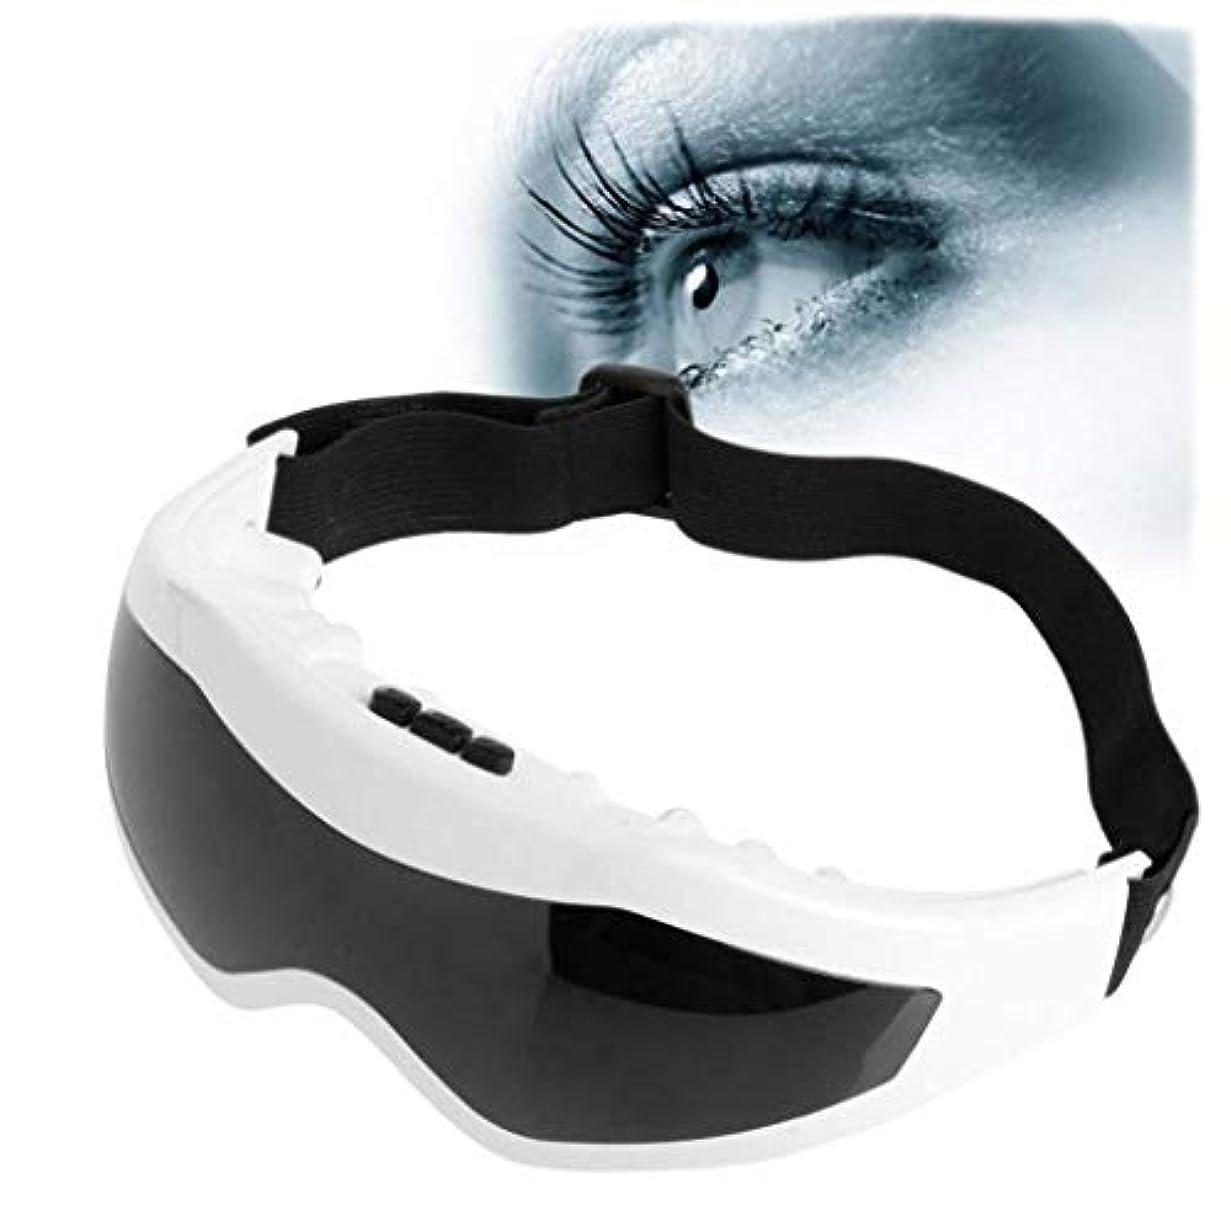 逃す気球バンド電気アイマッサージャー、9種類のマッサージ方法USB充電式、アイケアマッサージリラックス振動を軽減指の圧力を軽減します目の疲れを軽減するための保護器具